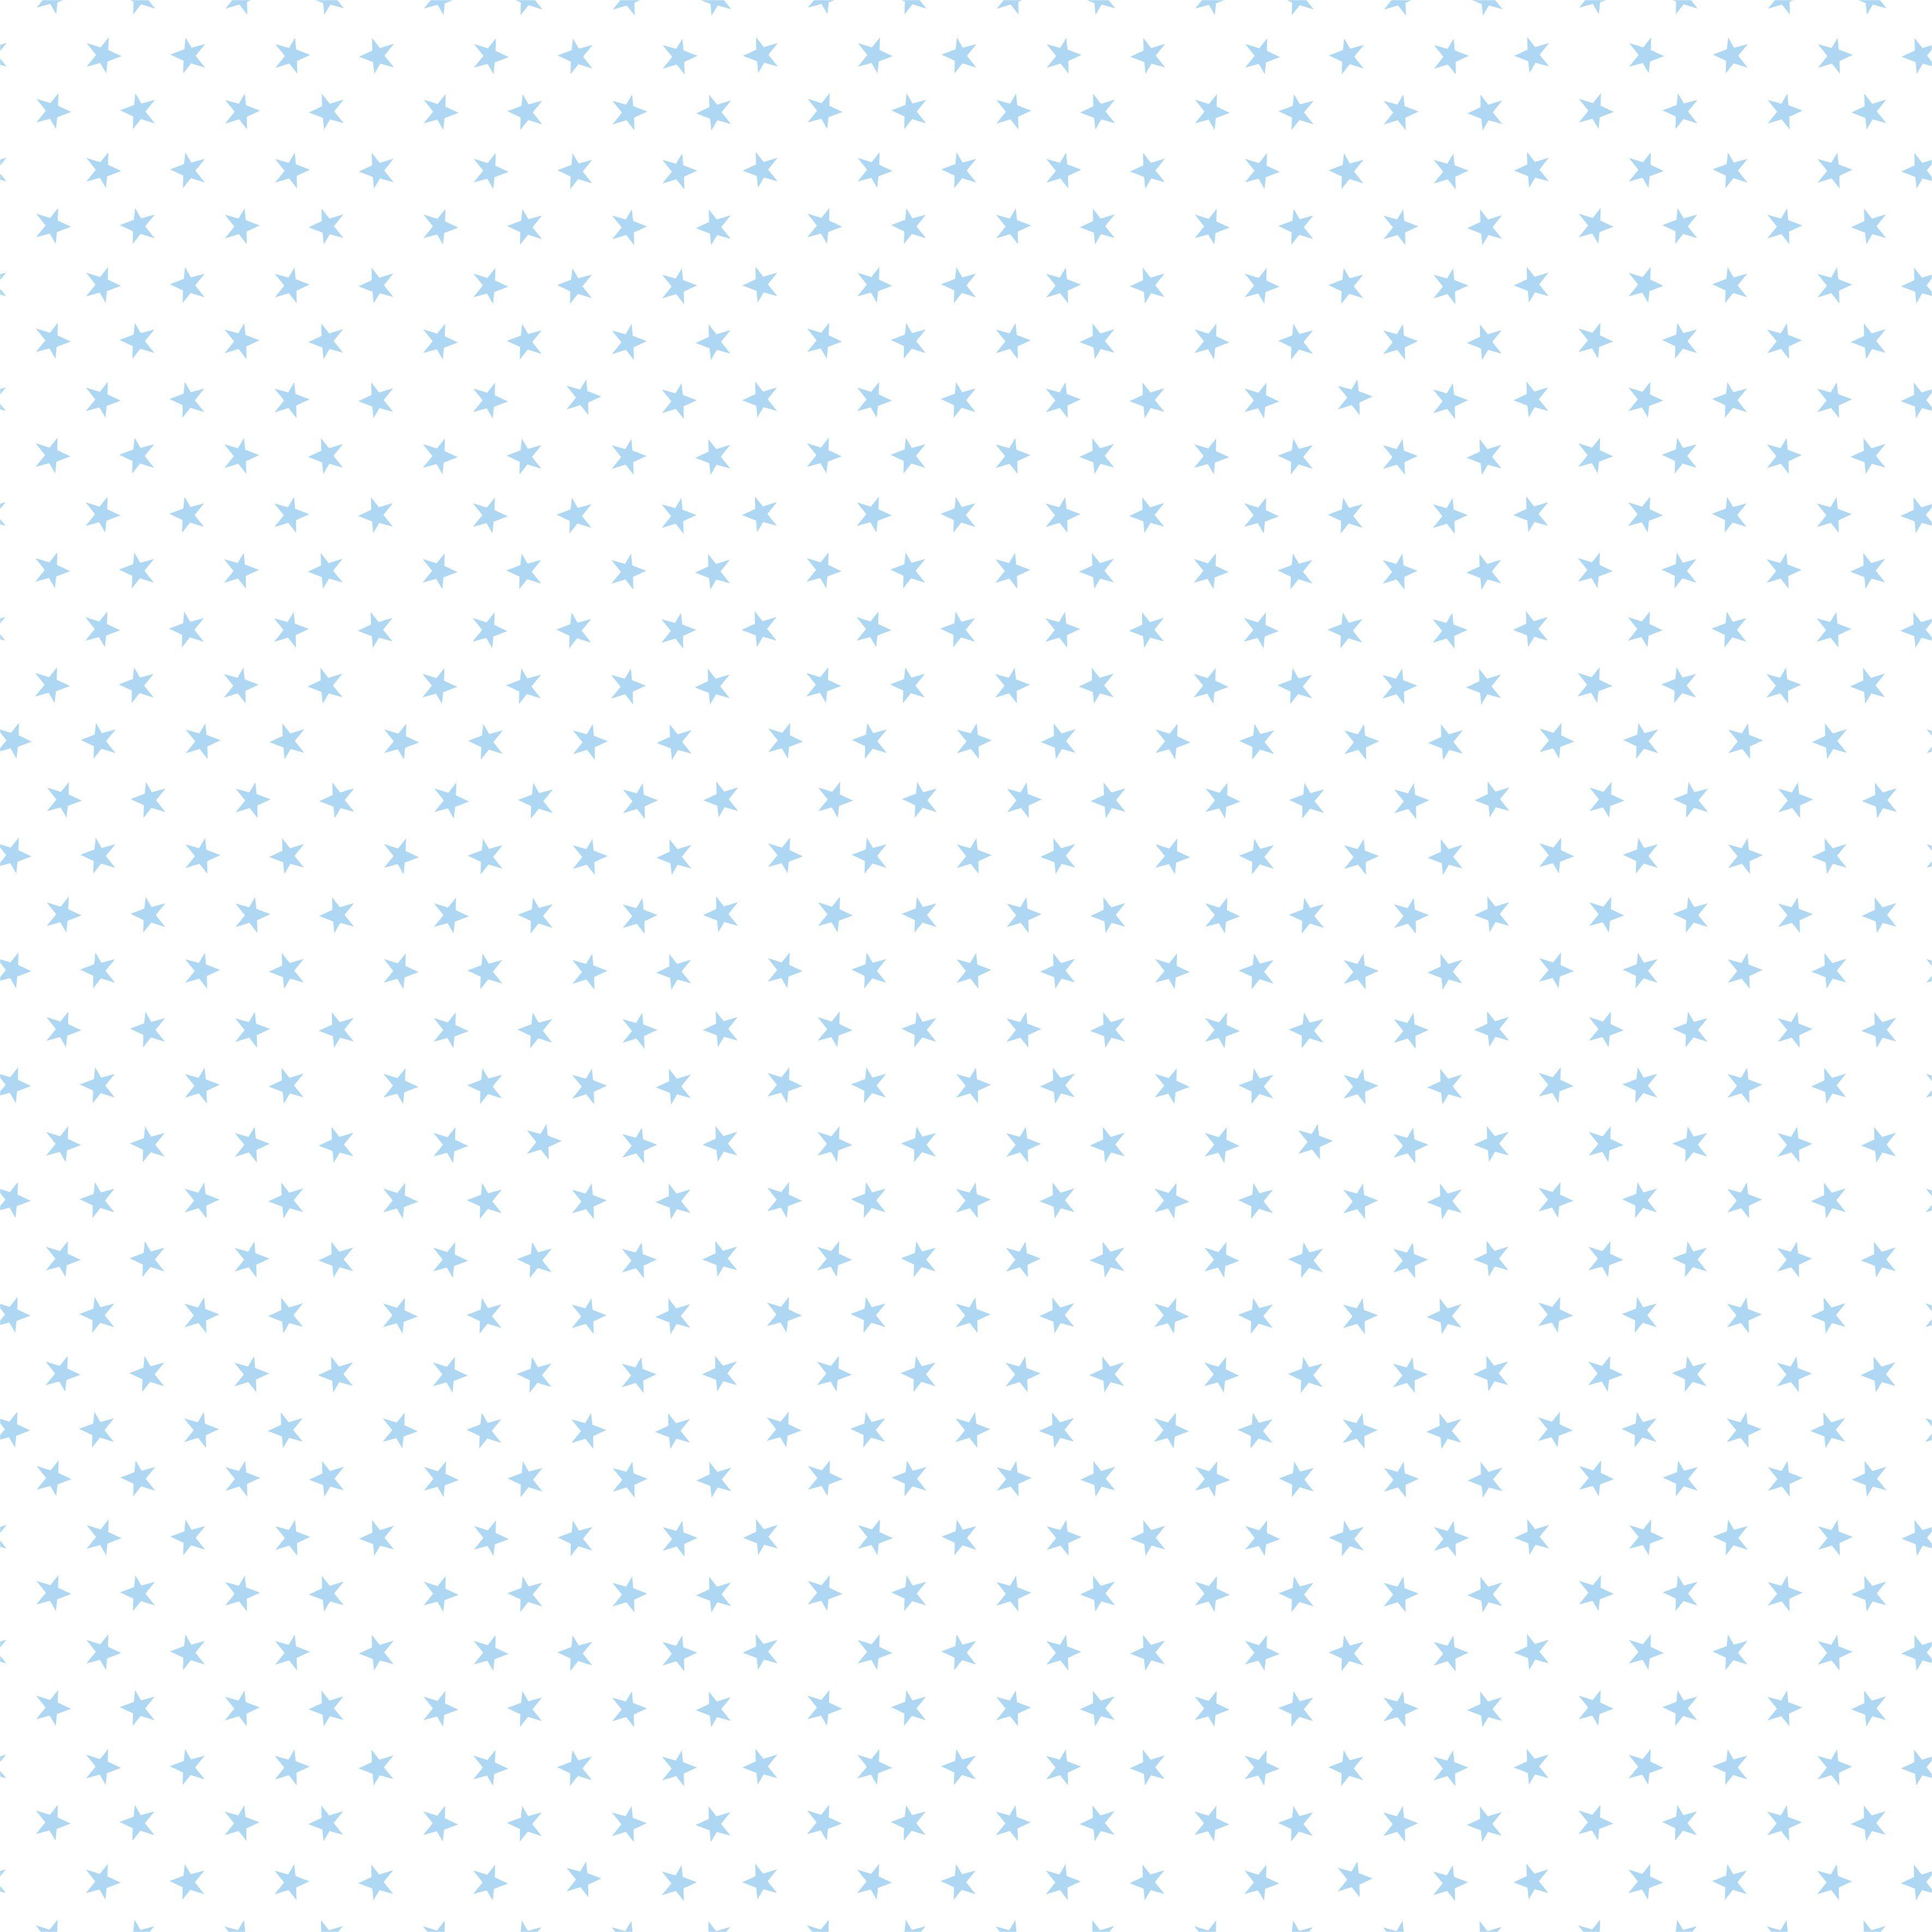 papel digital carrossel menino 4